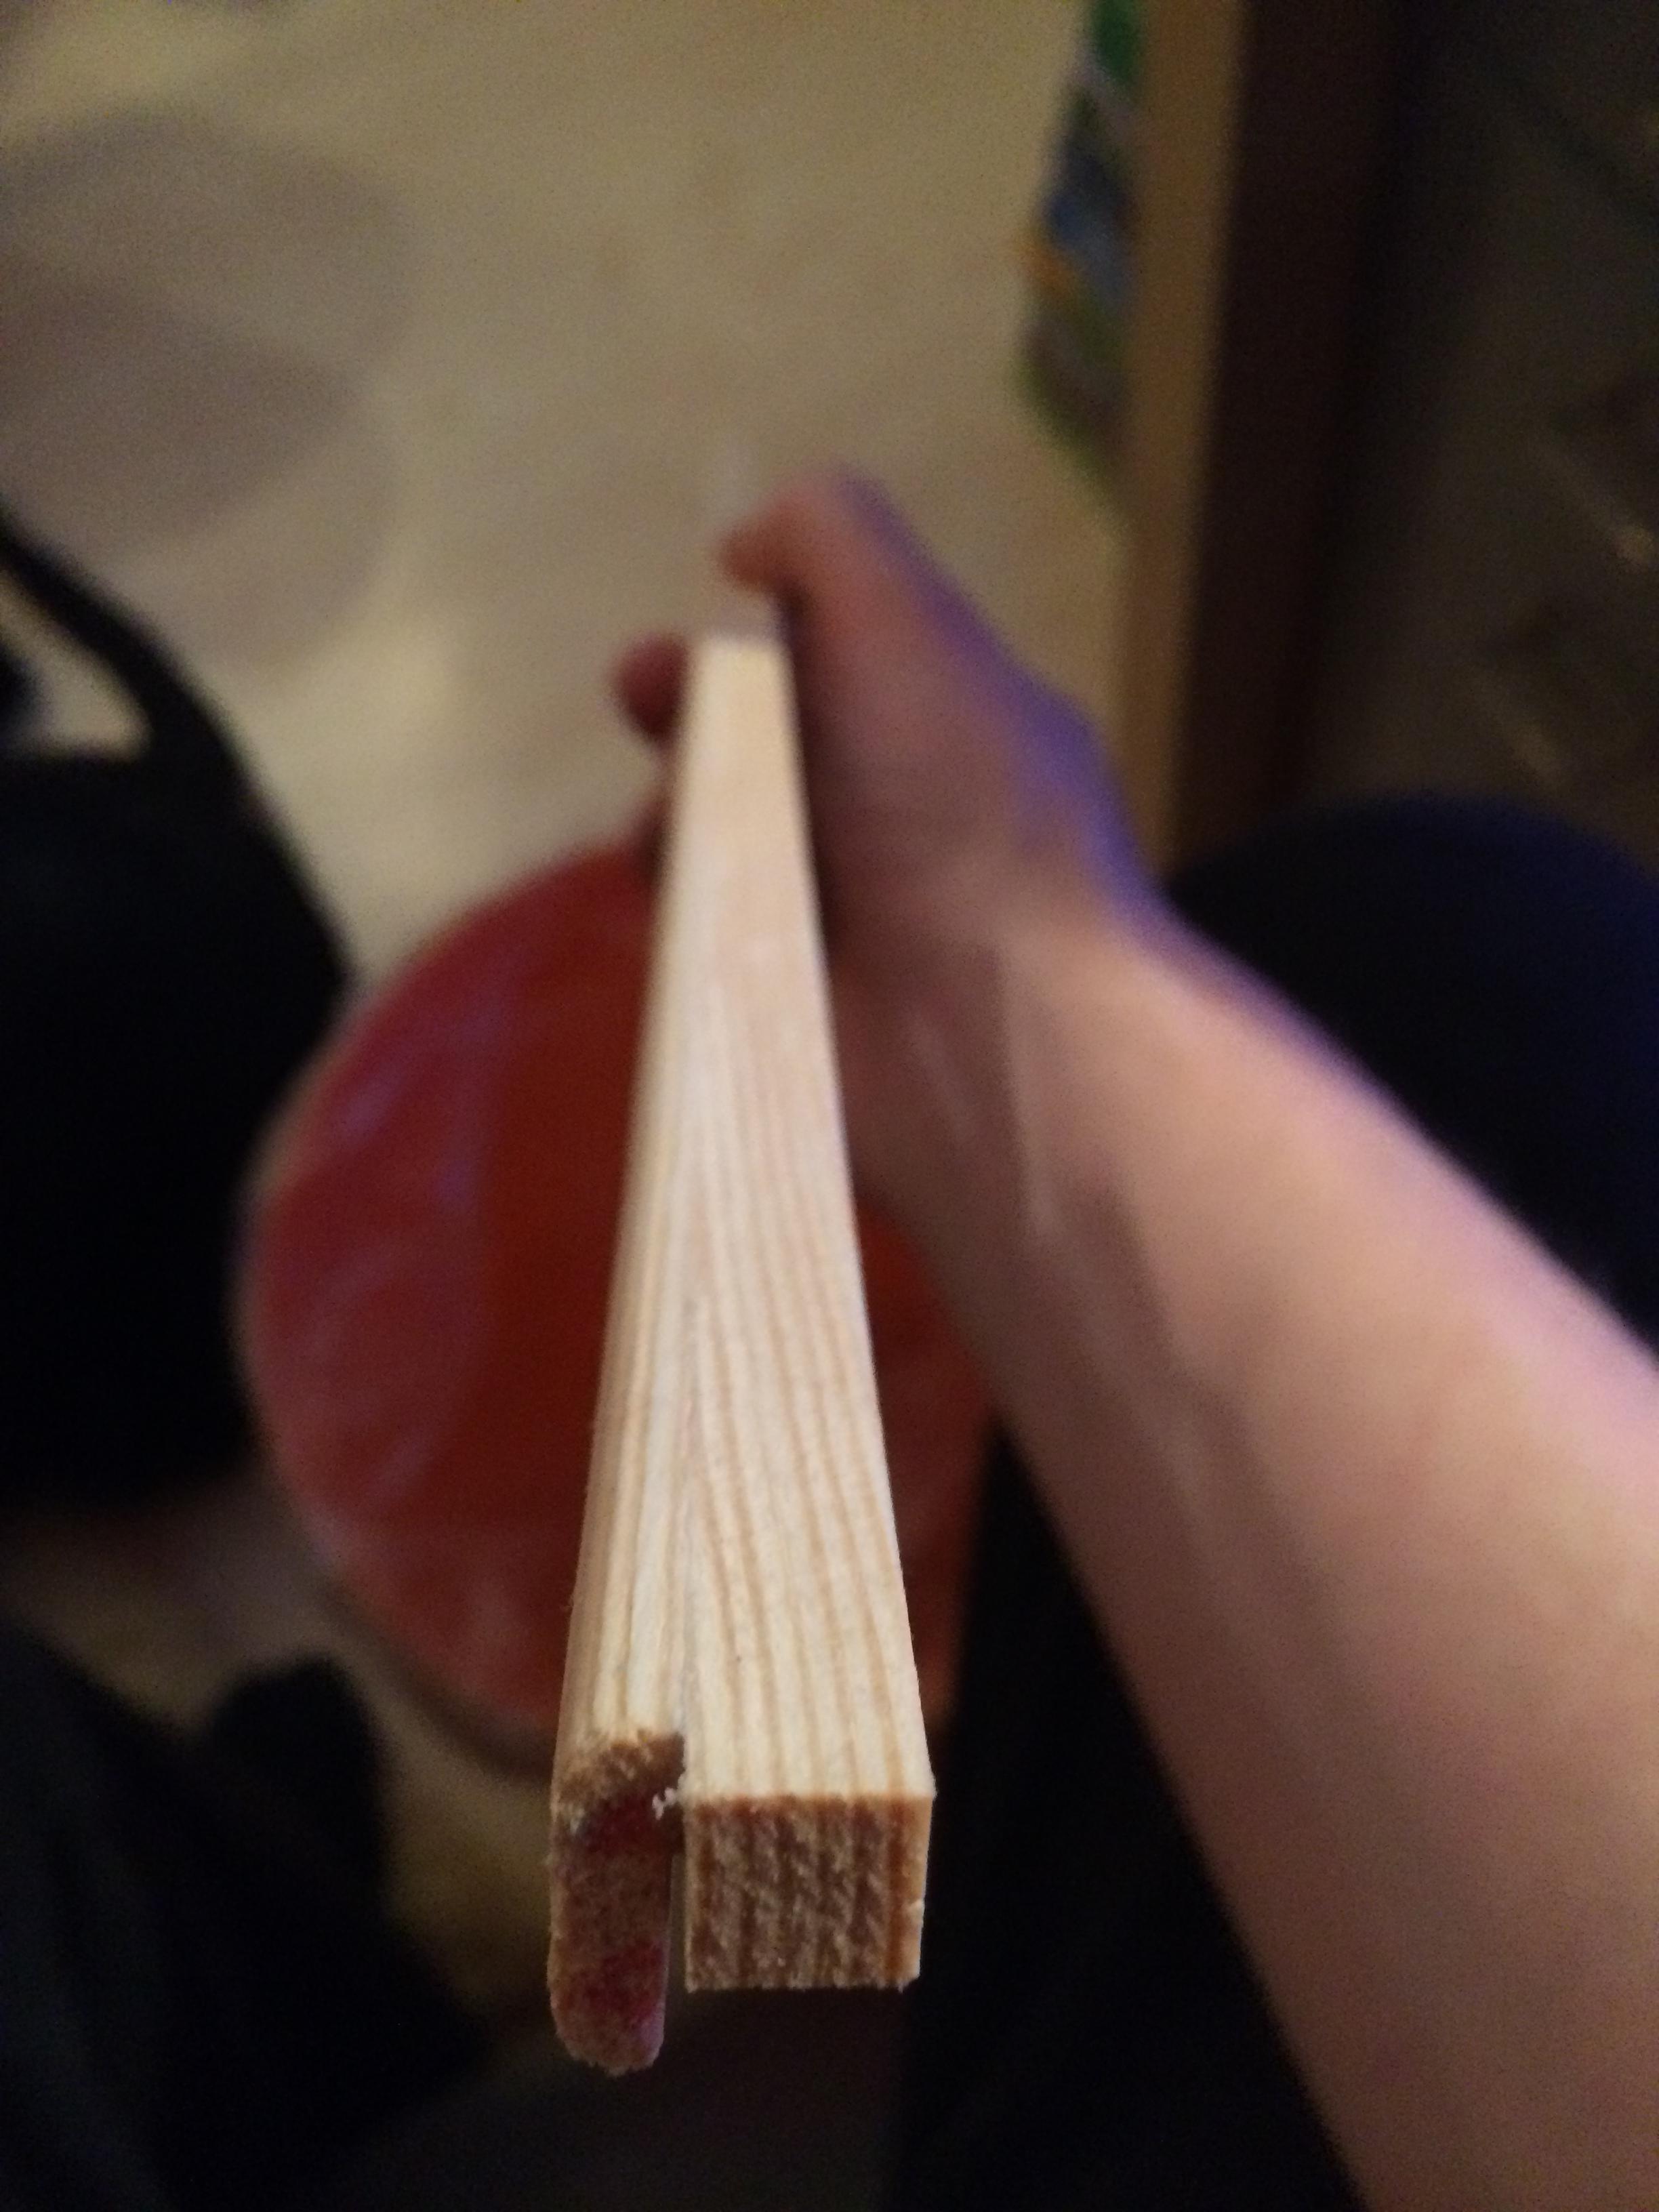 Selbstbauanleitung Tablet-Halter für die Küche - Leisten geleimt und geschliffen